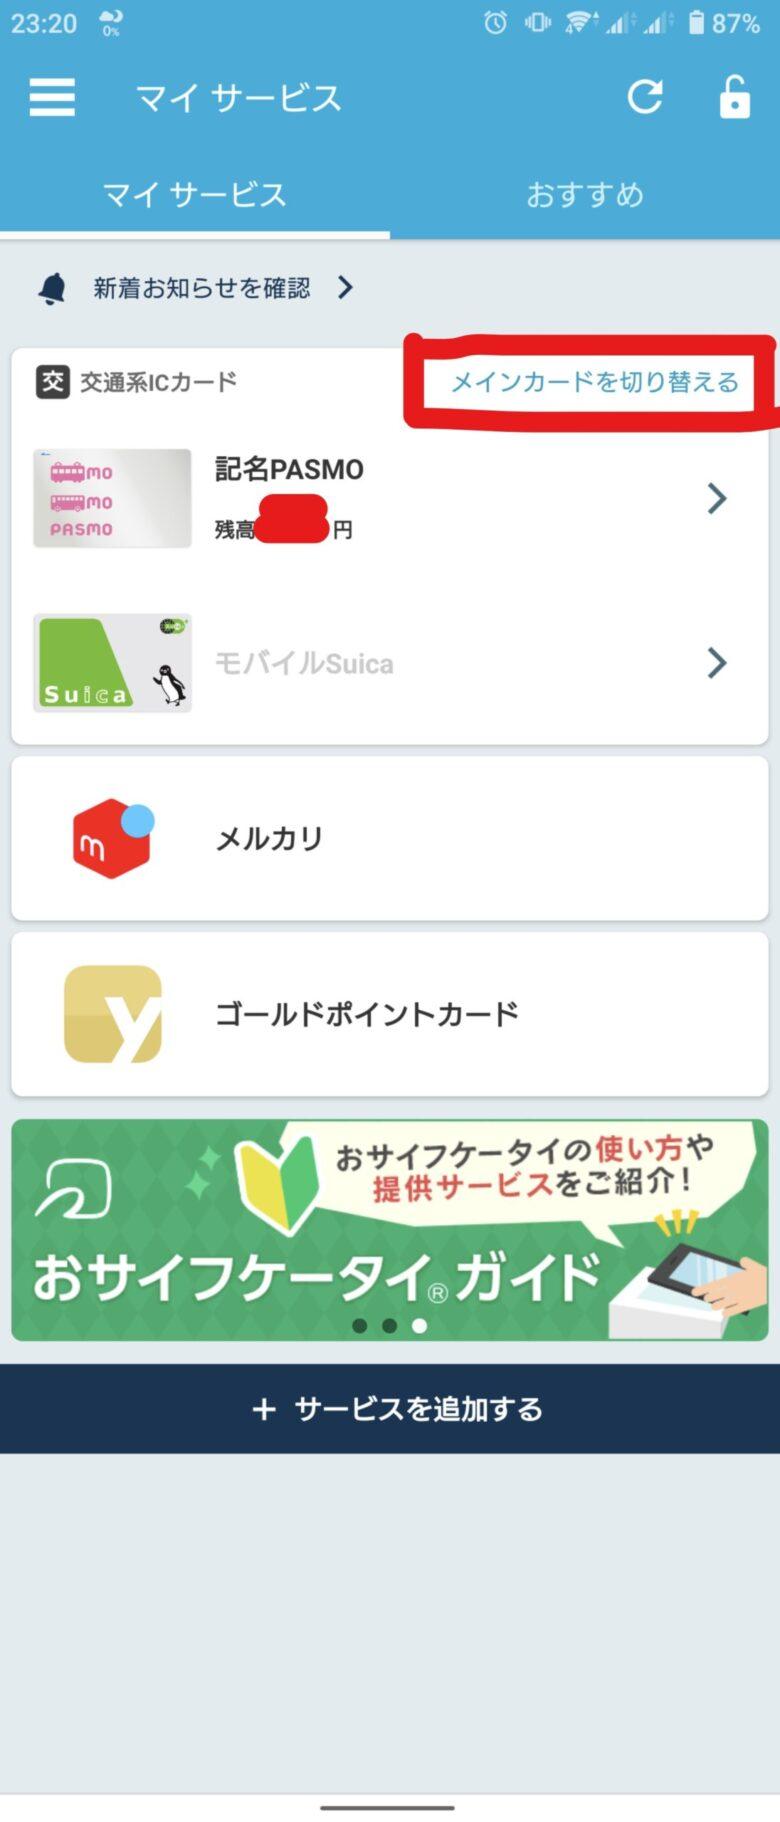 PASMOとSuicaを切り替えるための「メインカードを切り替える」画面。